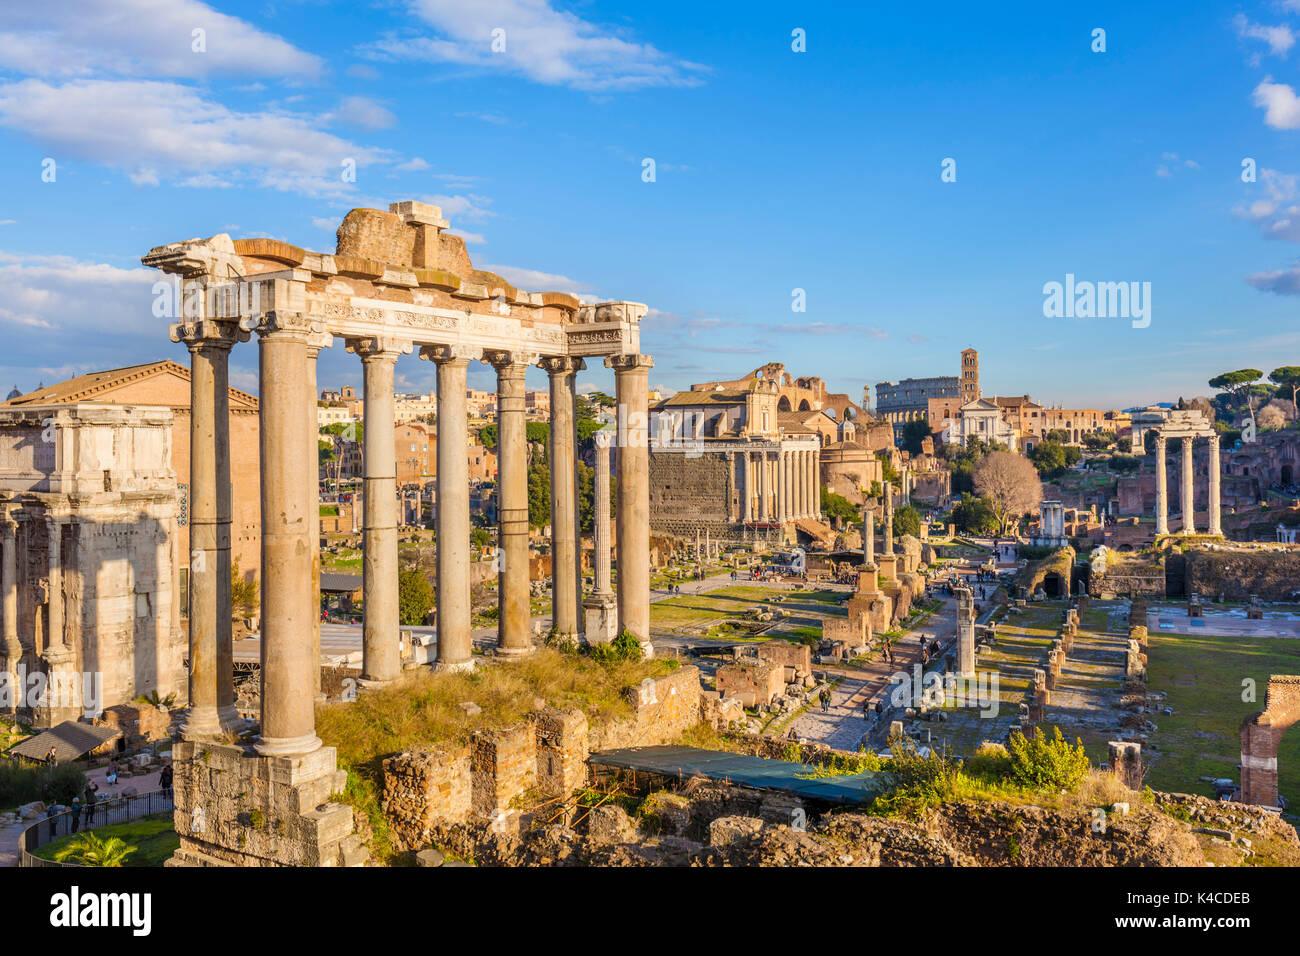 Roma, Italia las columnas del Templo de Saturno y la descripción de las ruinas del Foro Romano, Sitio del Patrimonio Imagen De Stock